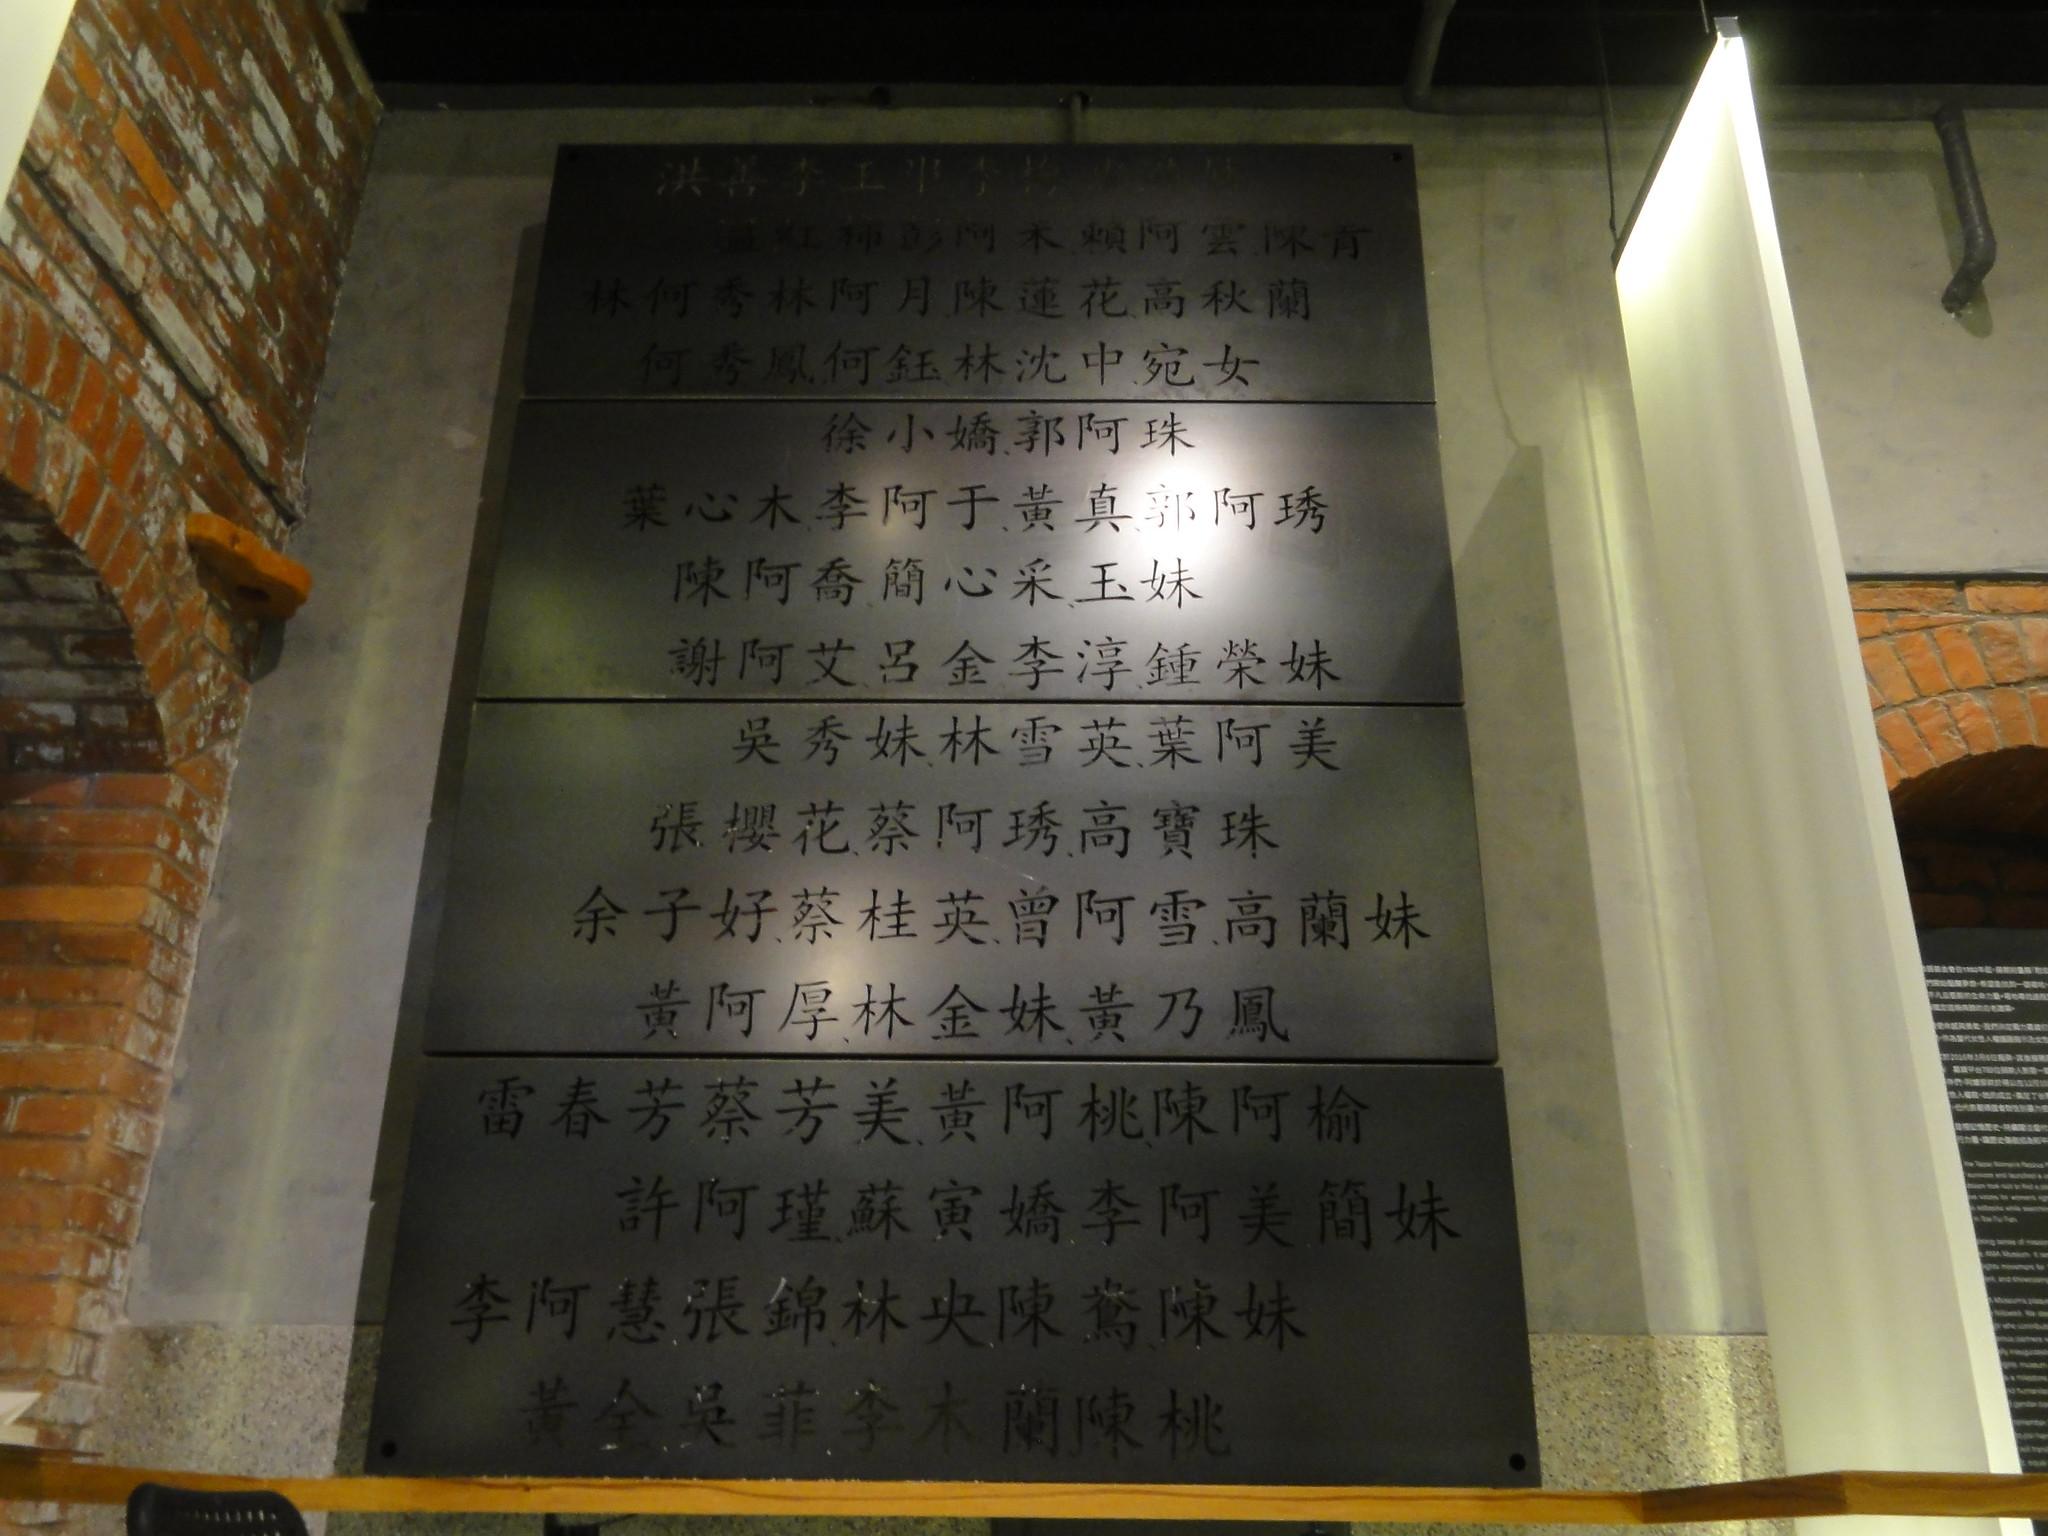 刻著已知59位台籍「慰安婦」姓名的金屬板。(攝影:張智琦)